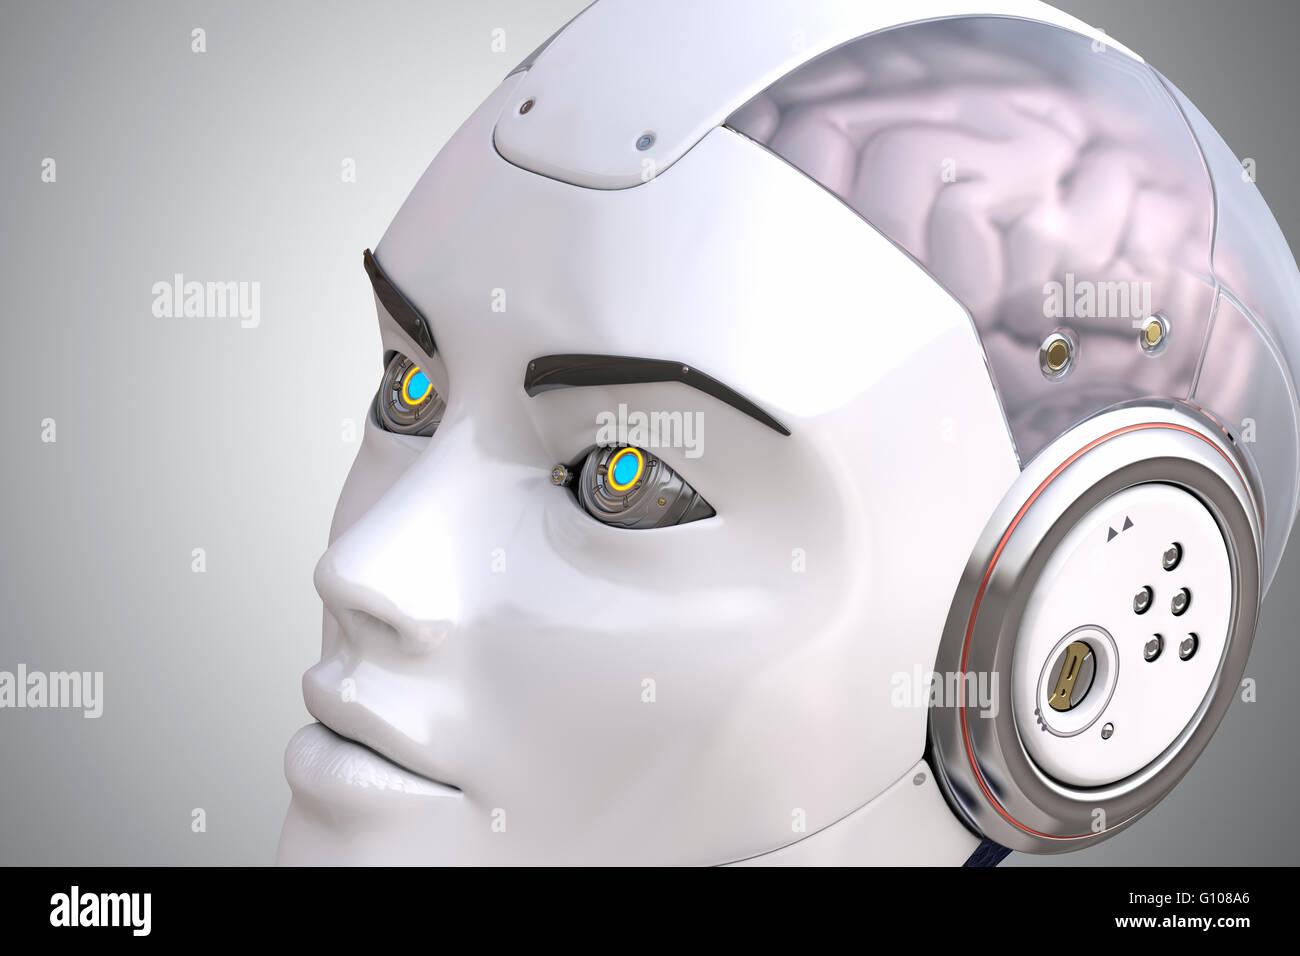 Kopf des Roboters hautnah Stockbild